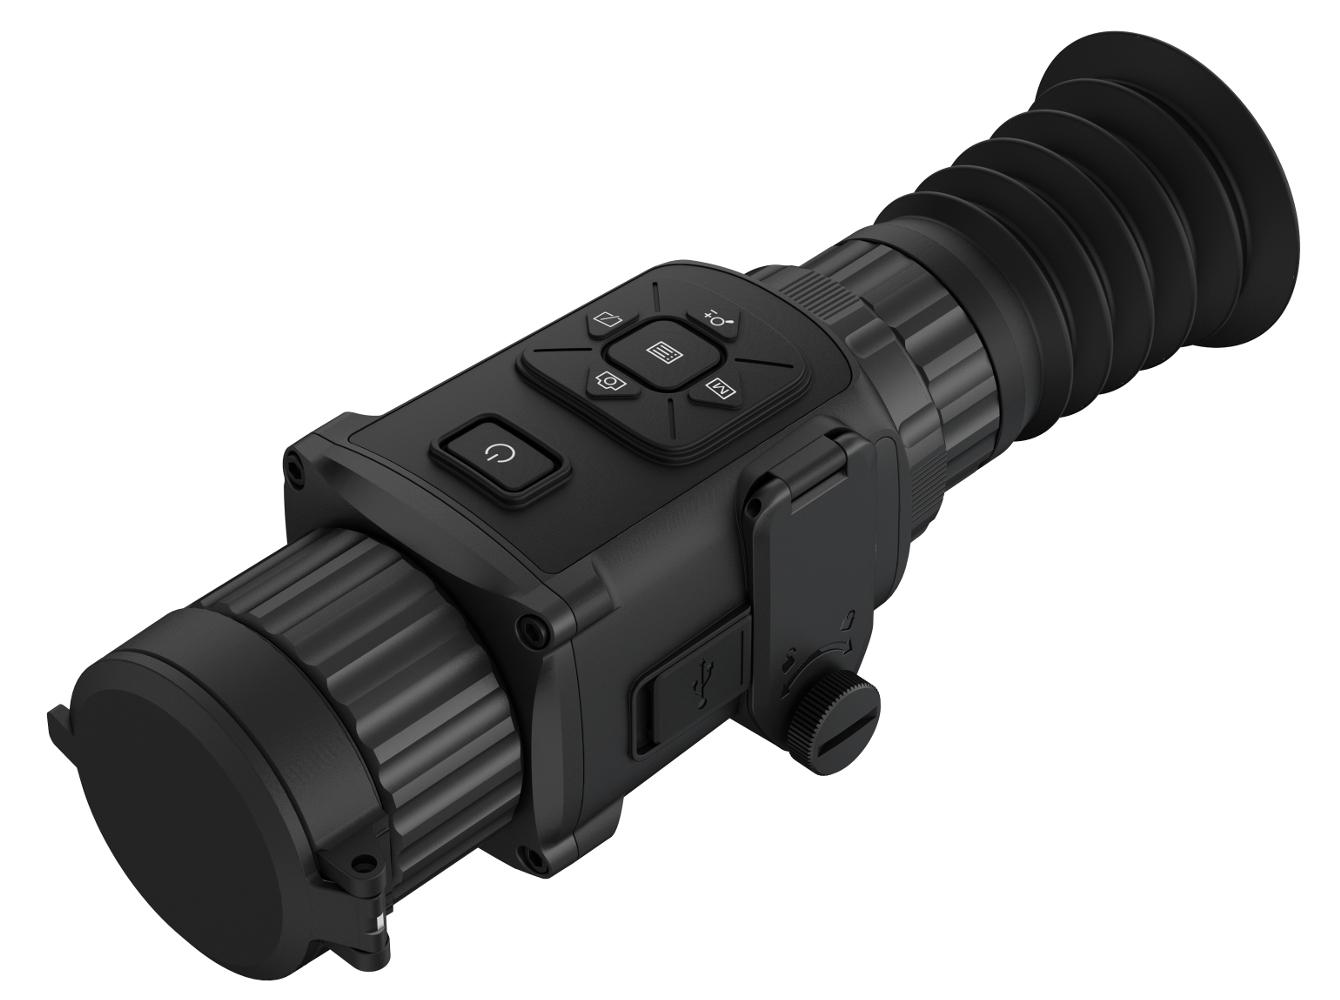 visore notturno per carabina Hikmicro HM-TR13-35XFW-TH35